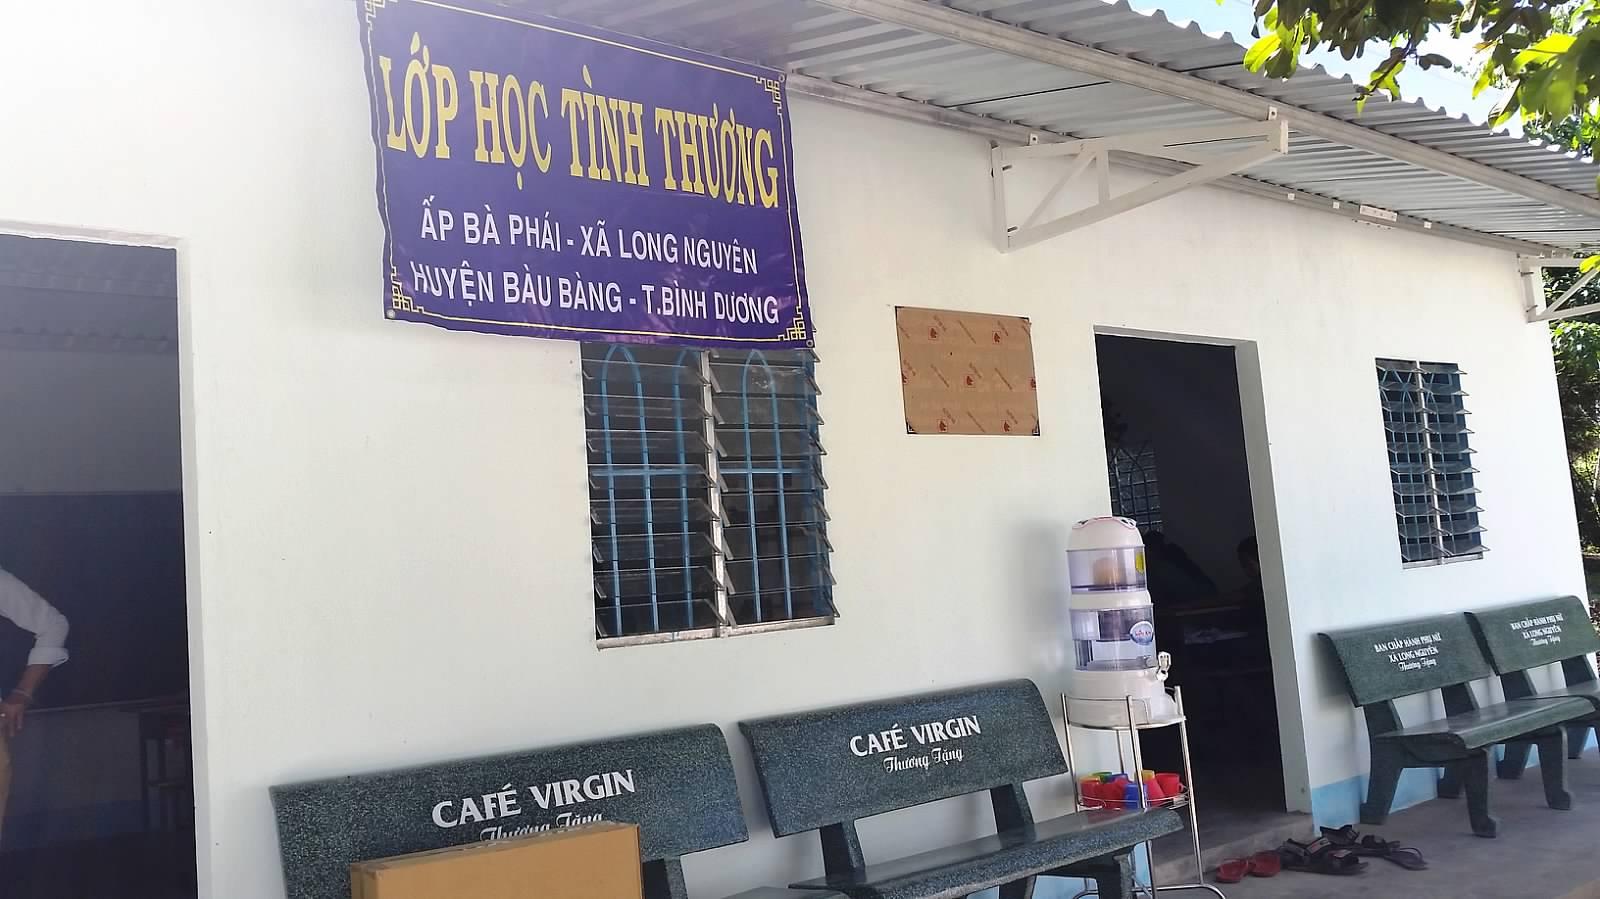 66 Lop Tu Bi tai Binh Duong (21)